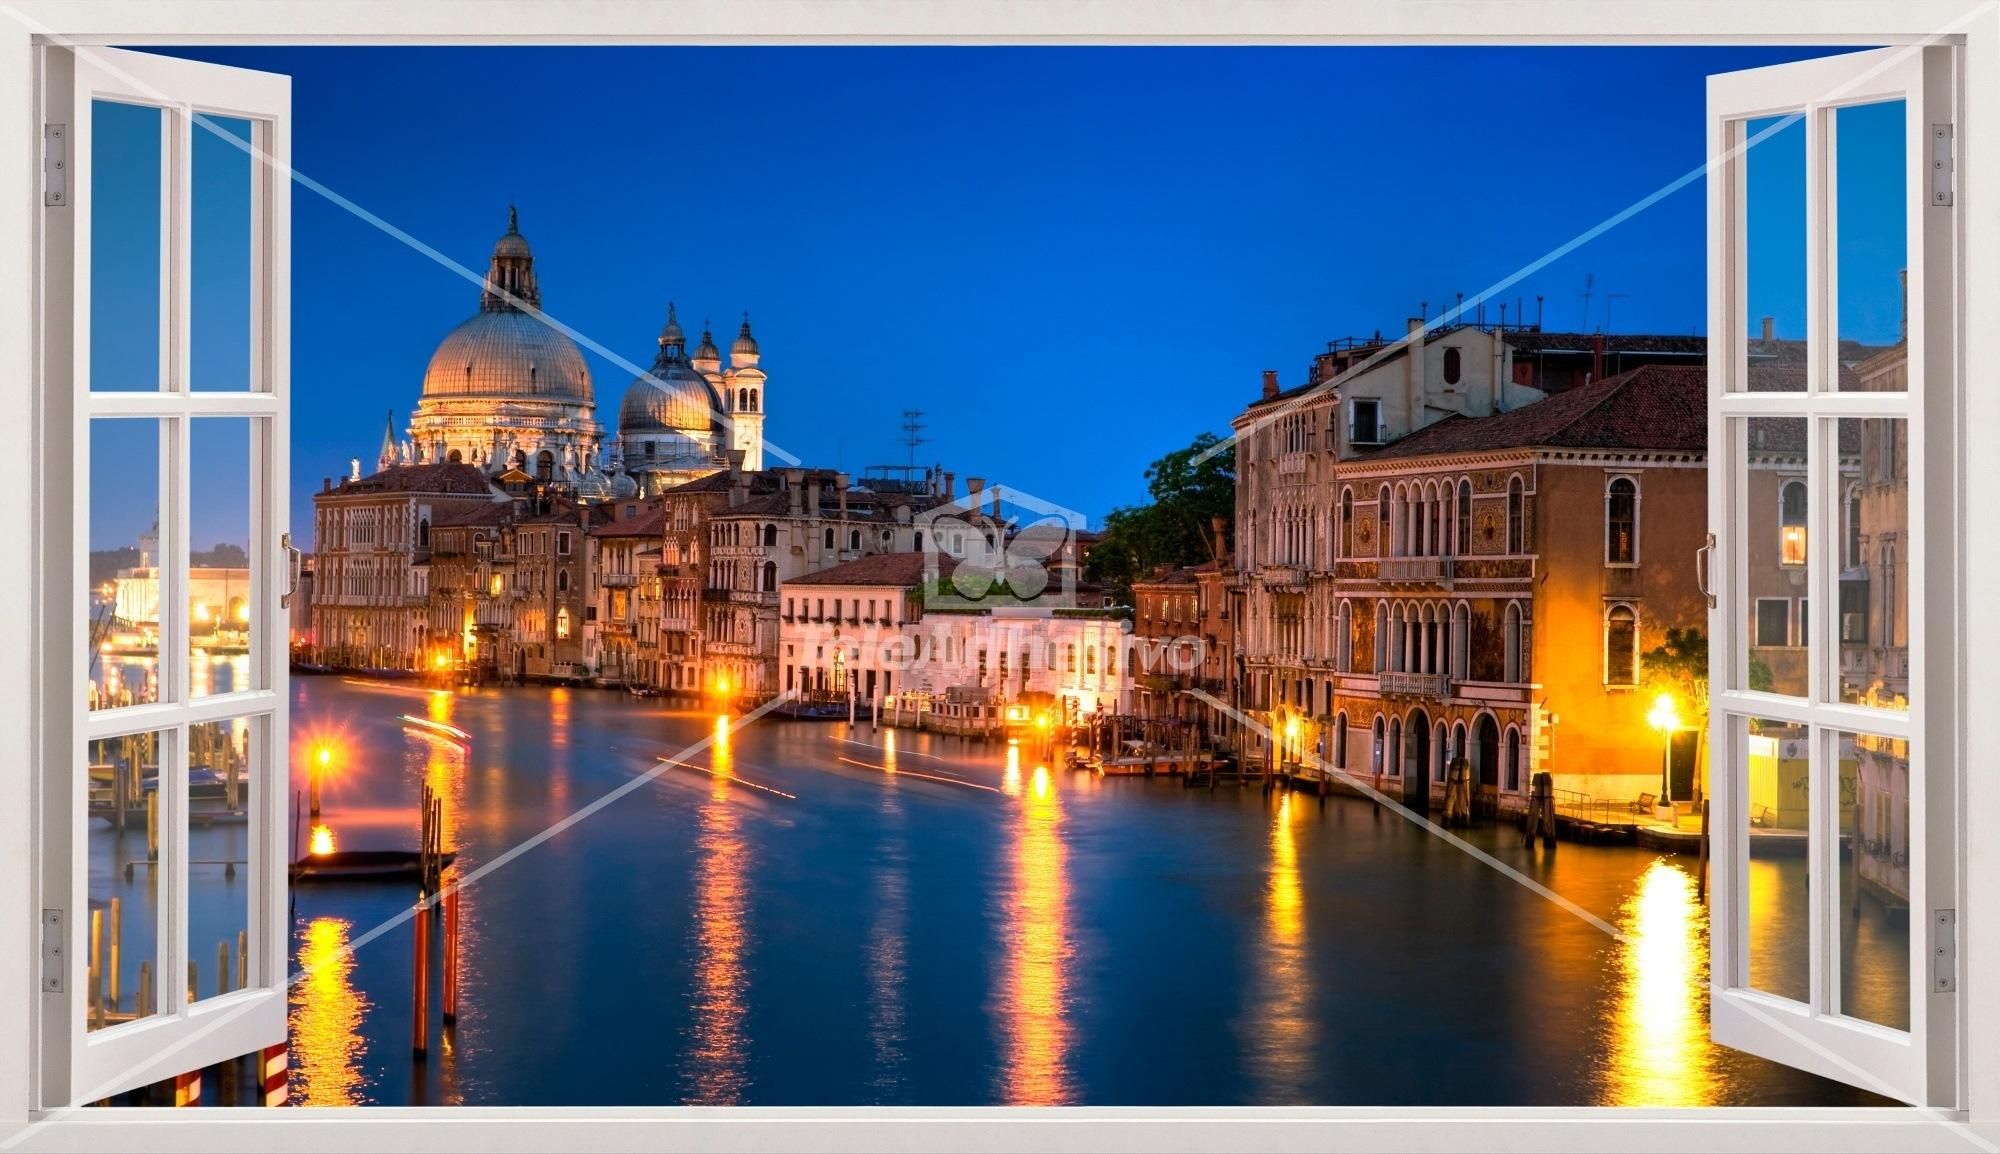 Wandtattoos: Übersicht über Venedig 2